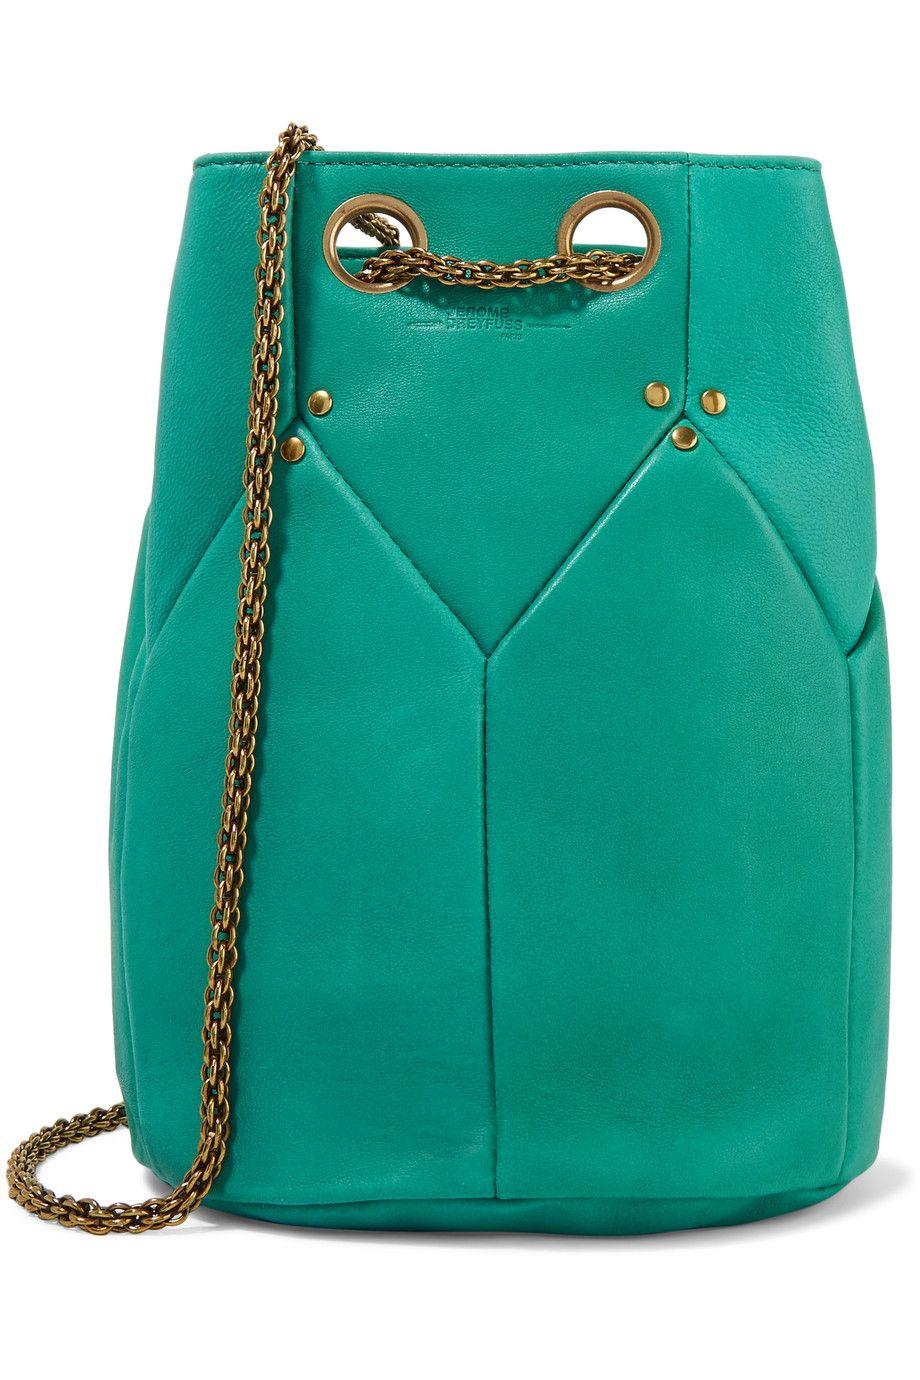 553eec7ab2 Shop on-sale Jérôme Dreyfuss Popeye leather shoulder bag. Browse other  discount designer Shoulder